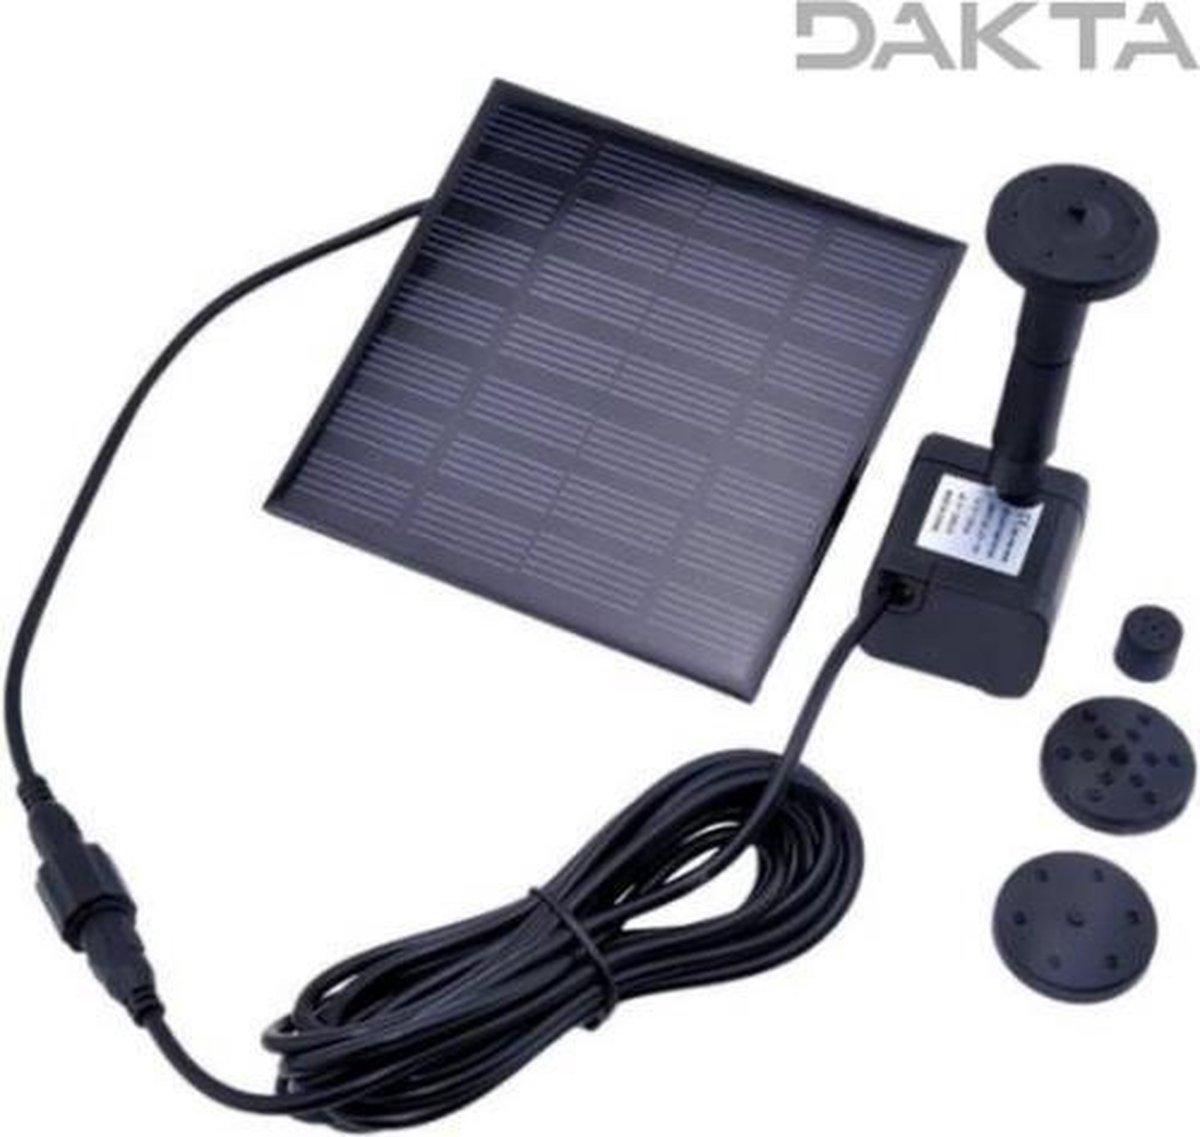 Dakta® Fontein   Zonne-energie   Tuin   Waterpomp   Vijver   Vogelbad   Drijvend   Solar   Decoratie   Tuindecoratie   Duurzaam